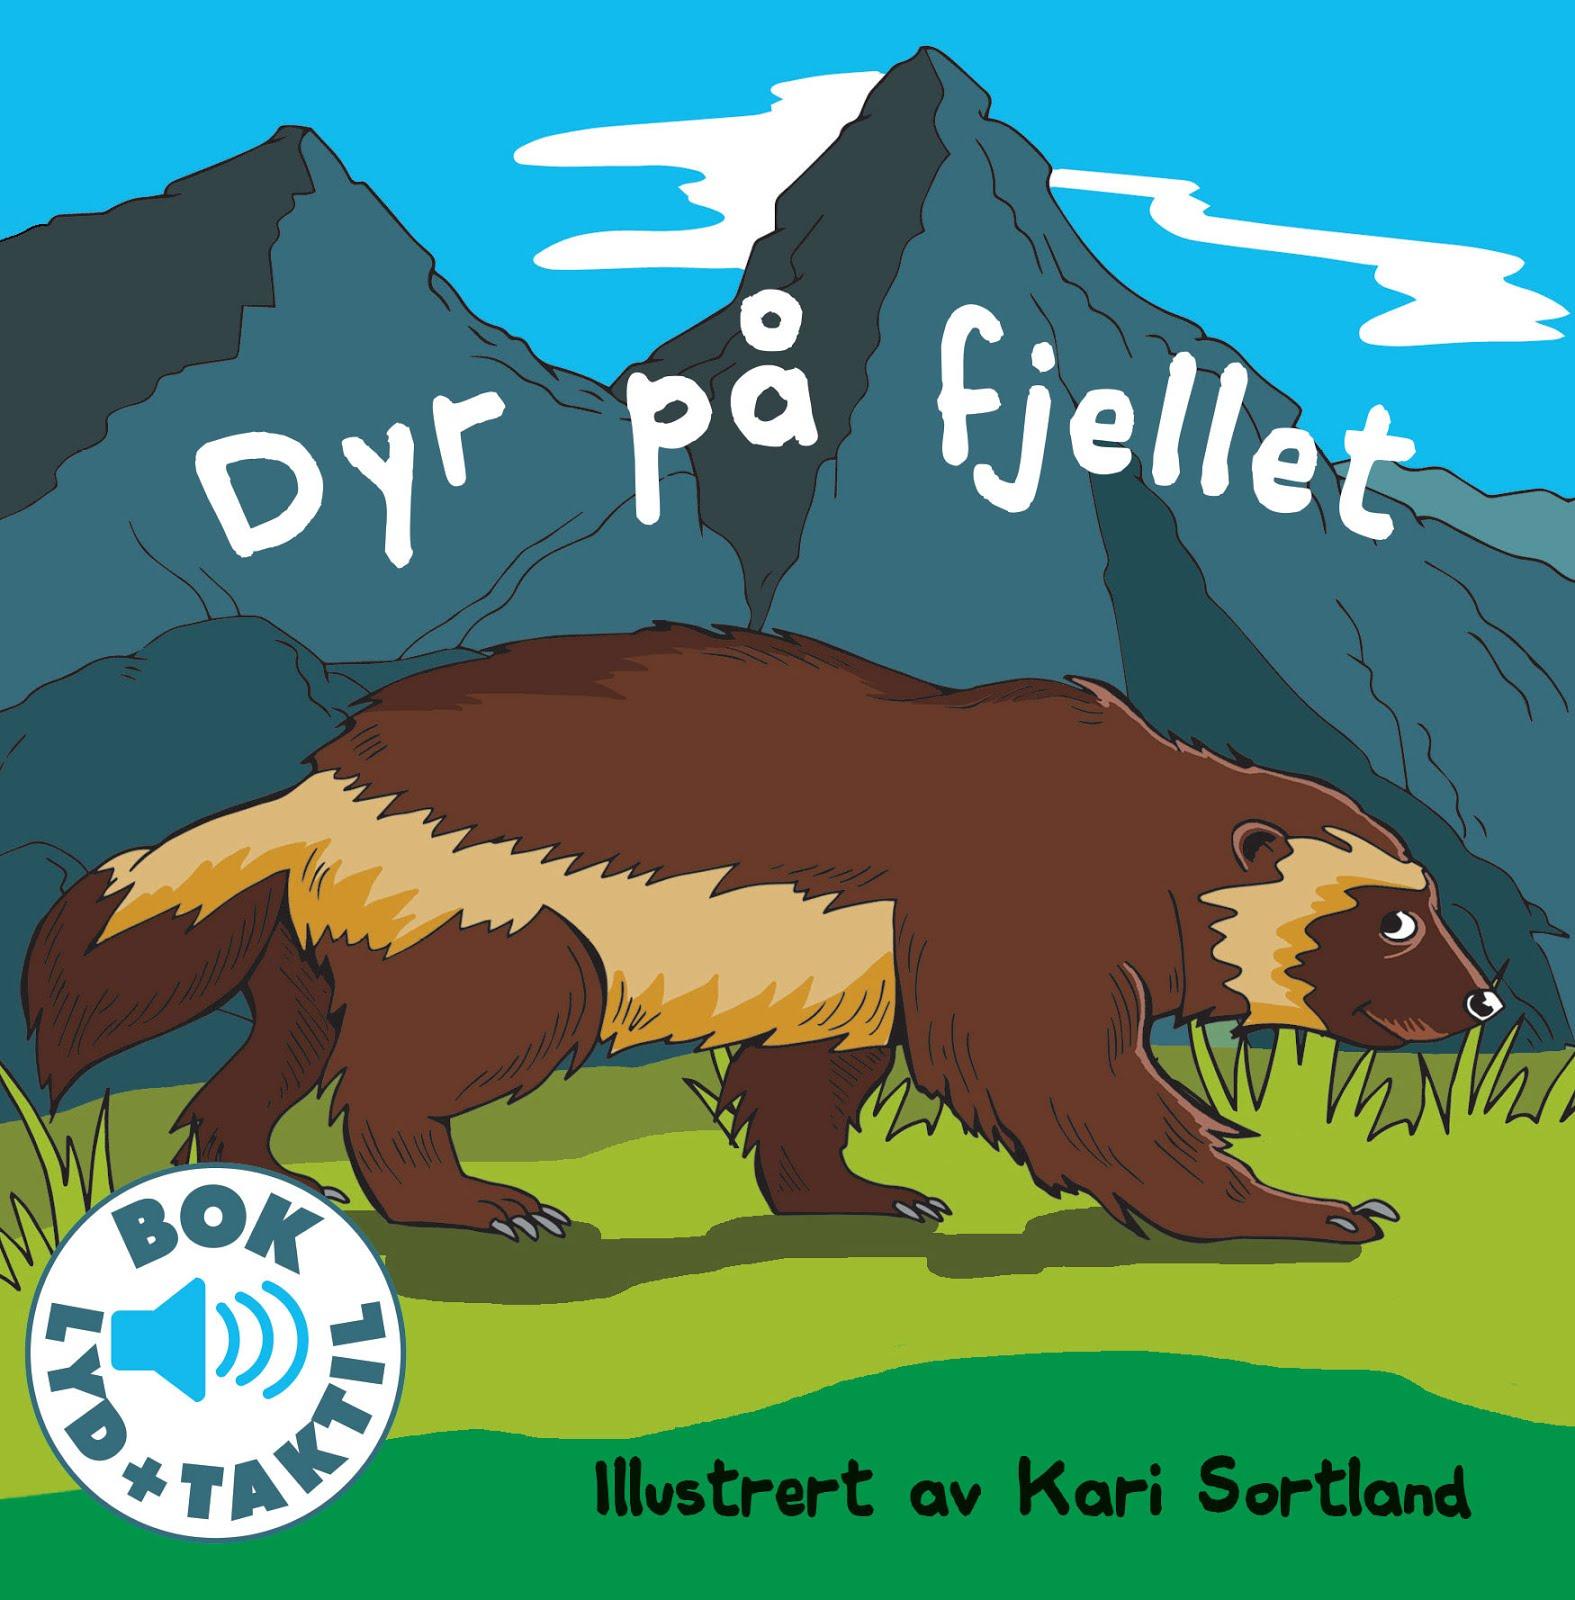 Dyr på fjellet, Kari Sortland barnebok illustrasjon